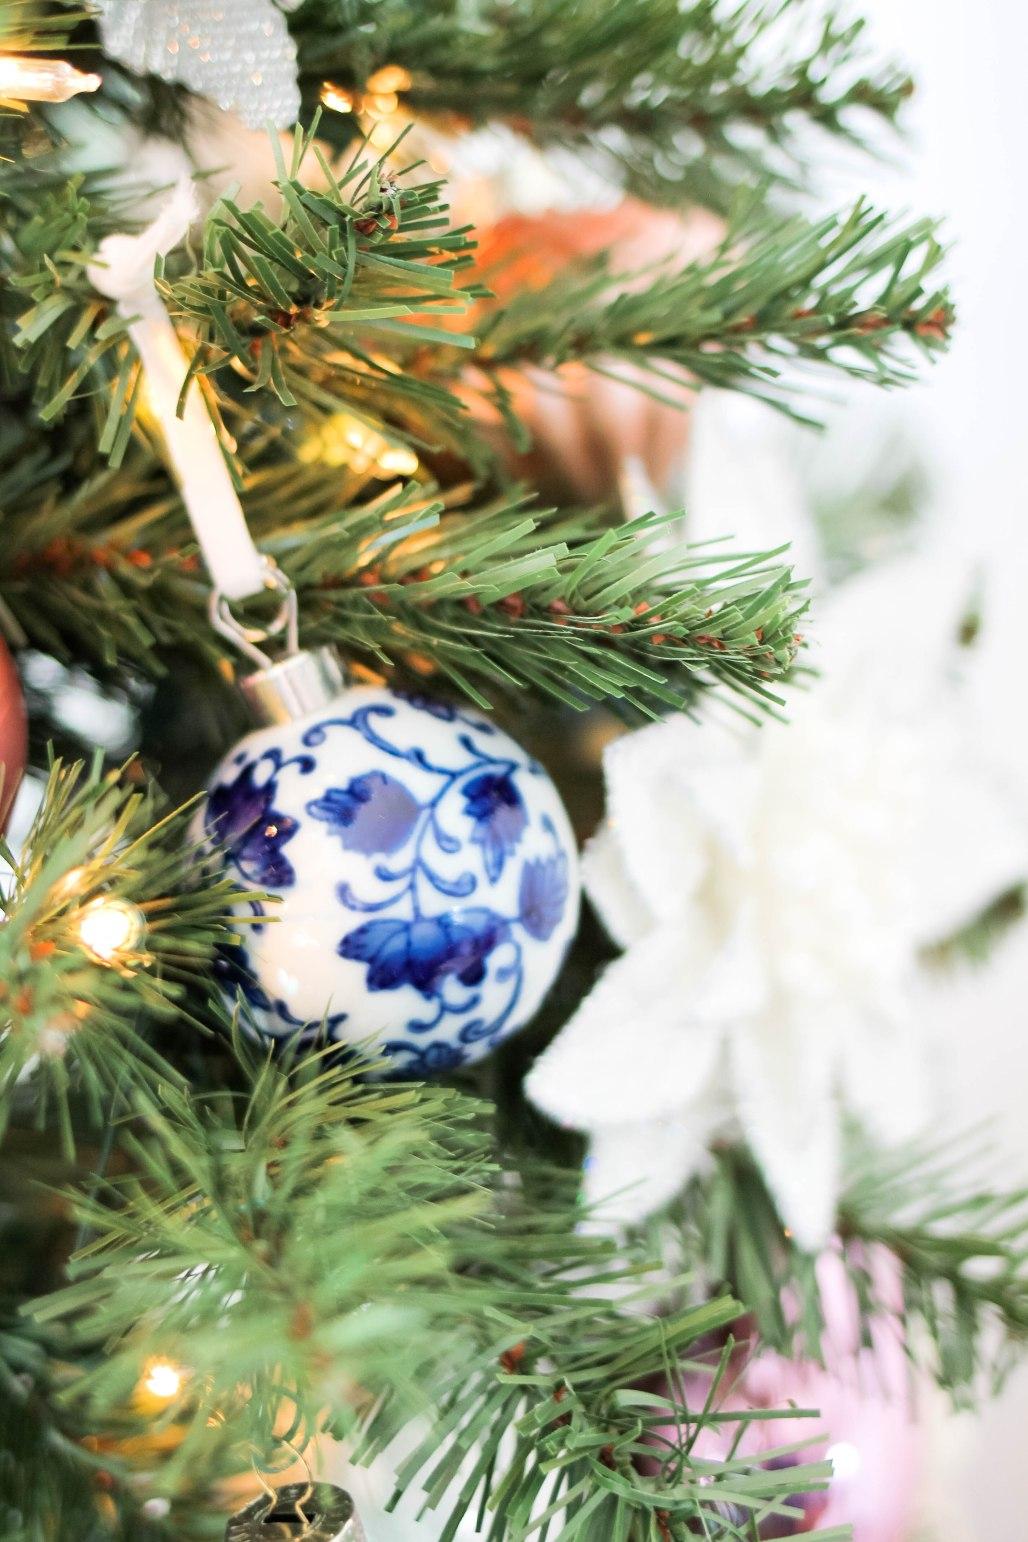 Williams Sonoma Ceramic Ornaments-Holiday Home Tour 2017 - amberpizante.com